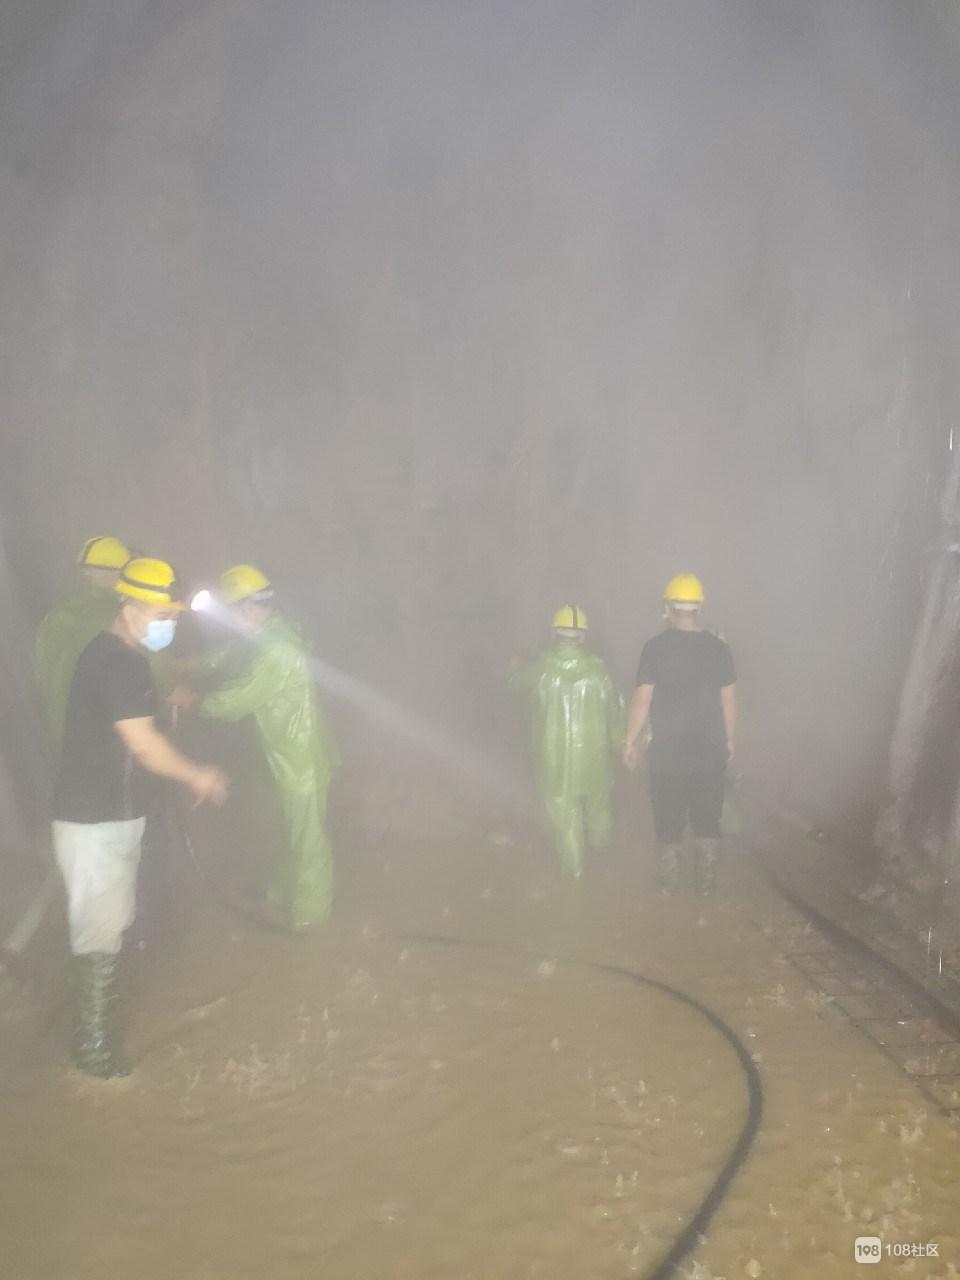 新昌小伙在地底做这工作,衣服淋湿,差点冻死在夏天